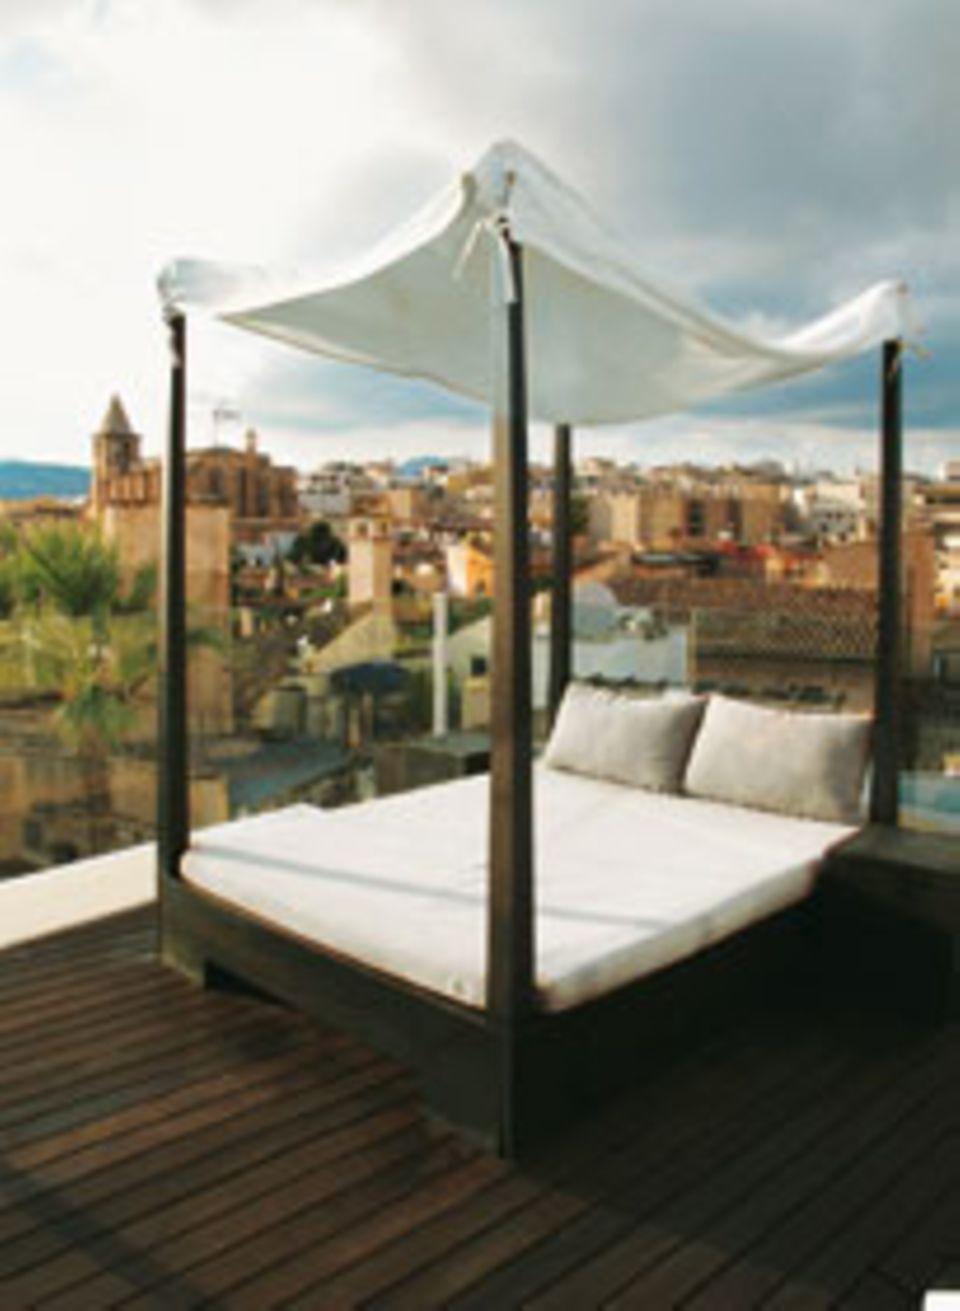 Urlaub zu zweit - die schönsten Hotels für eine gemeinsame Auszeit